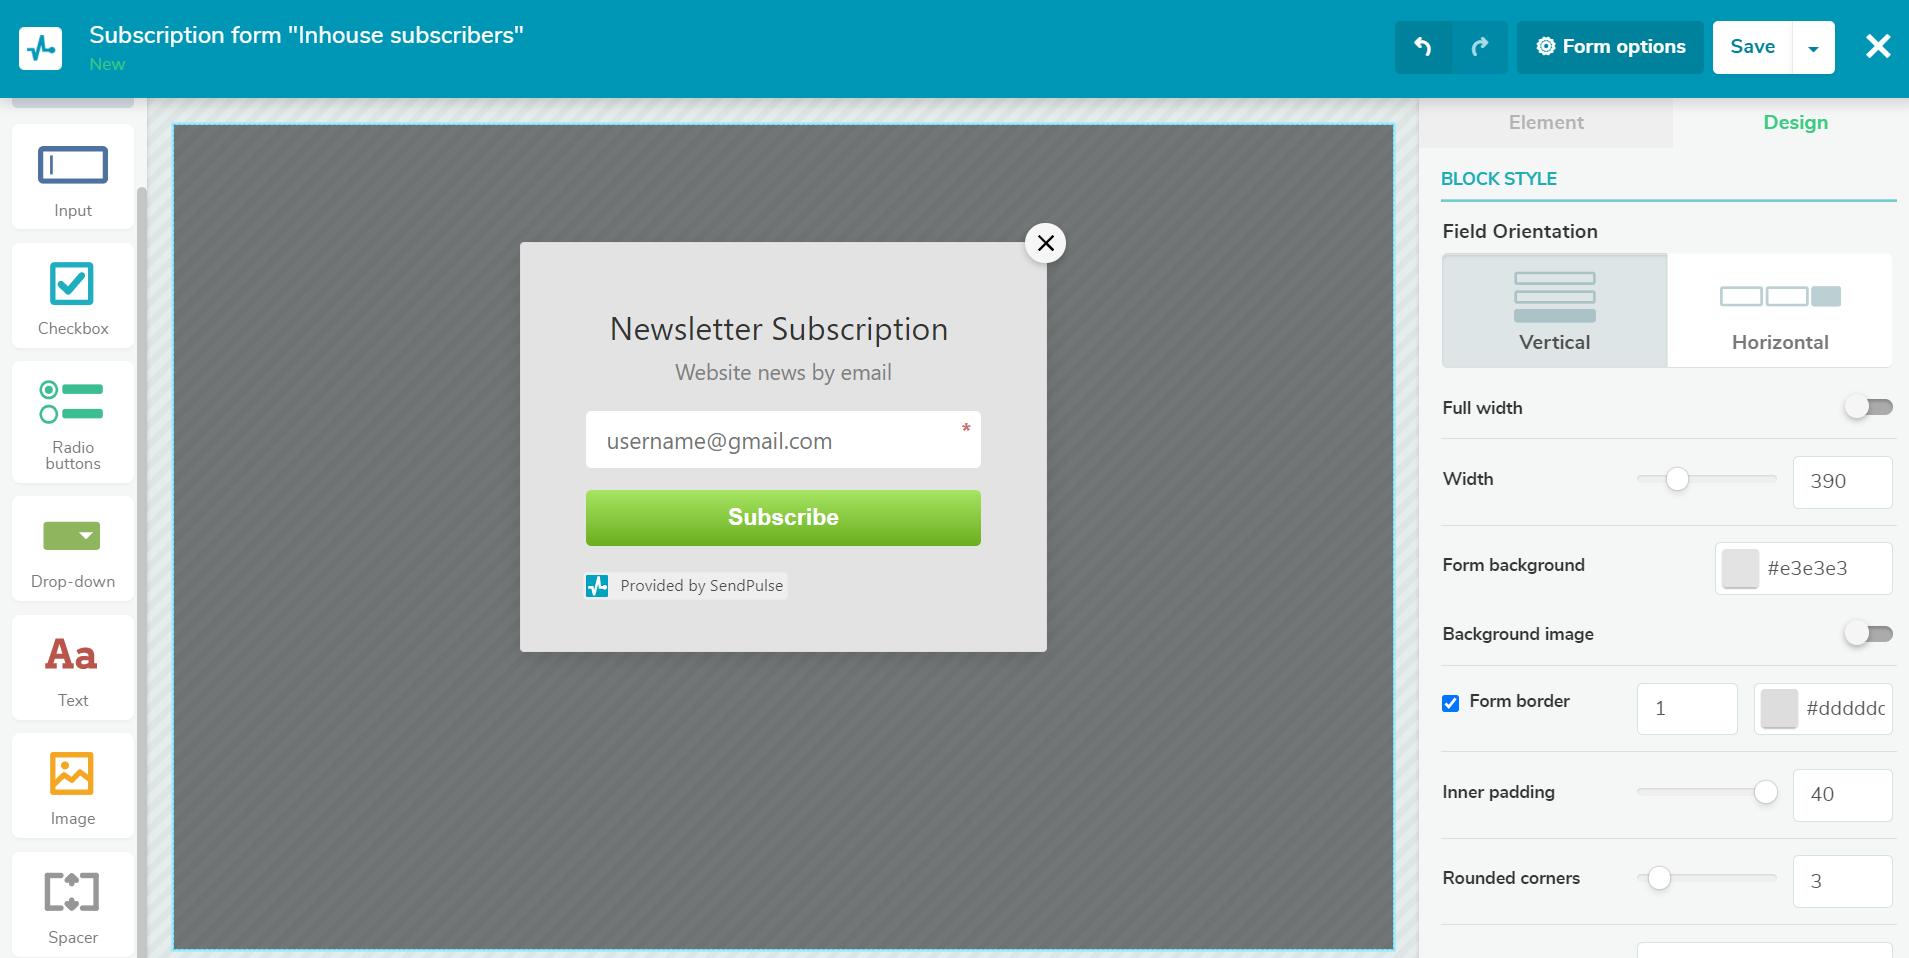 subscriptionform_sendpulse